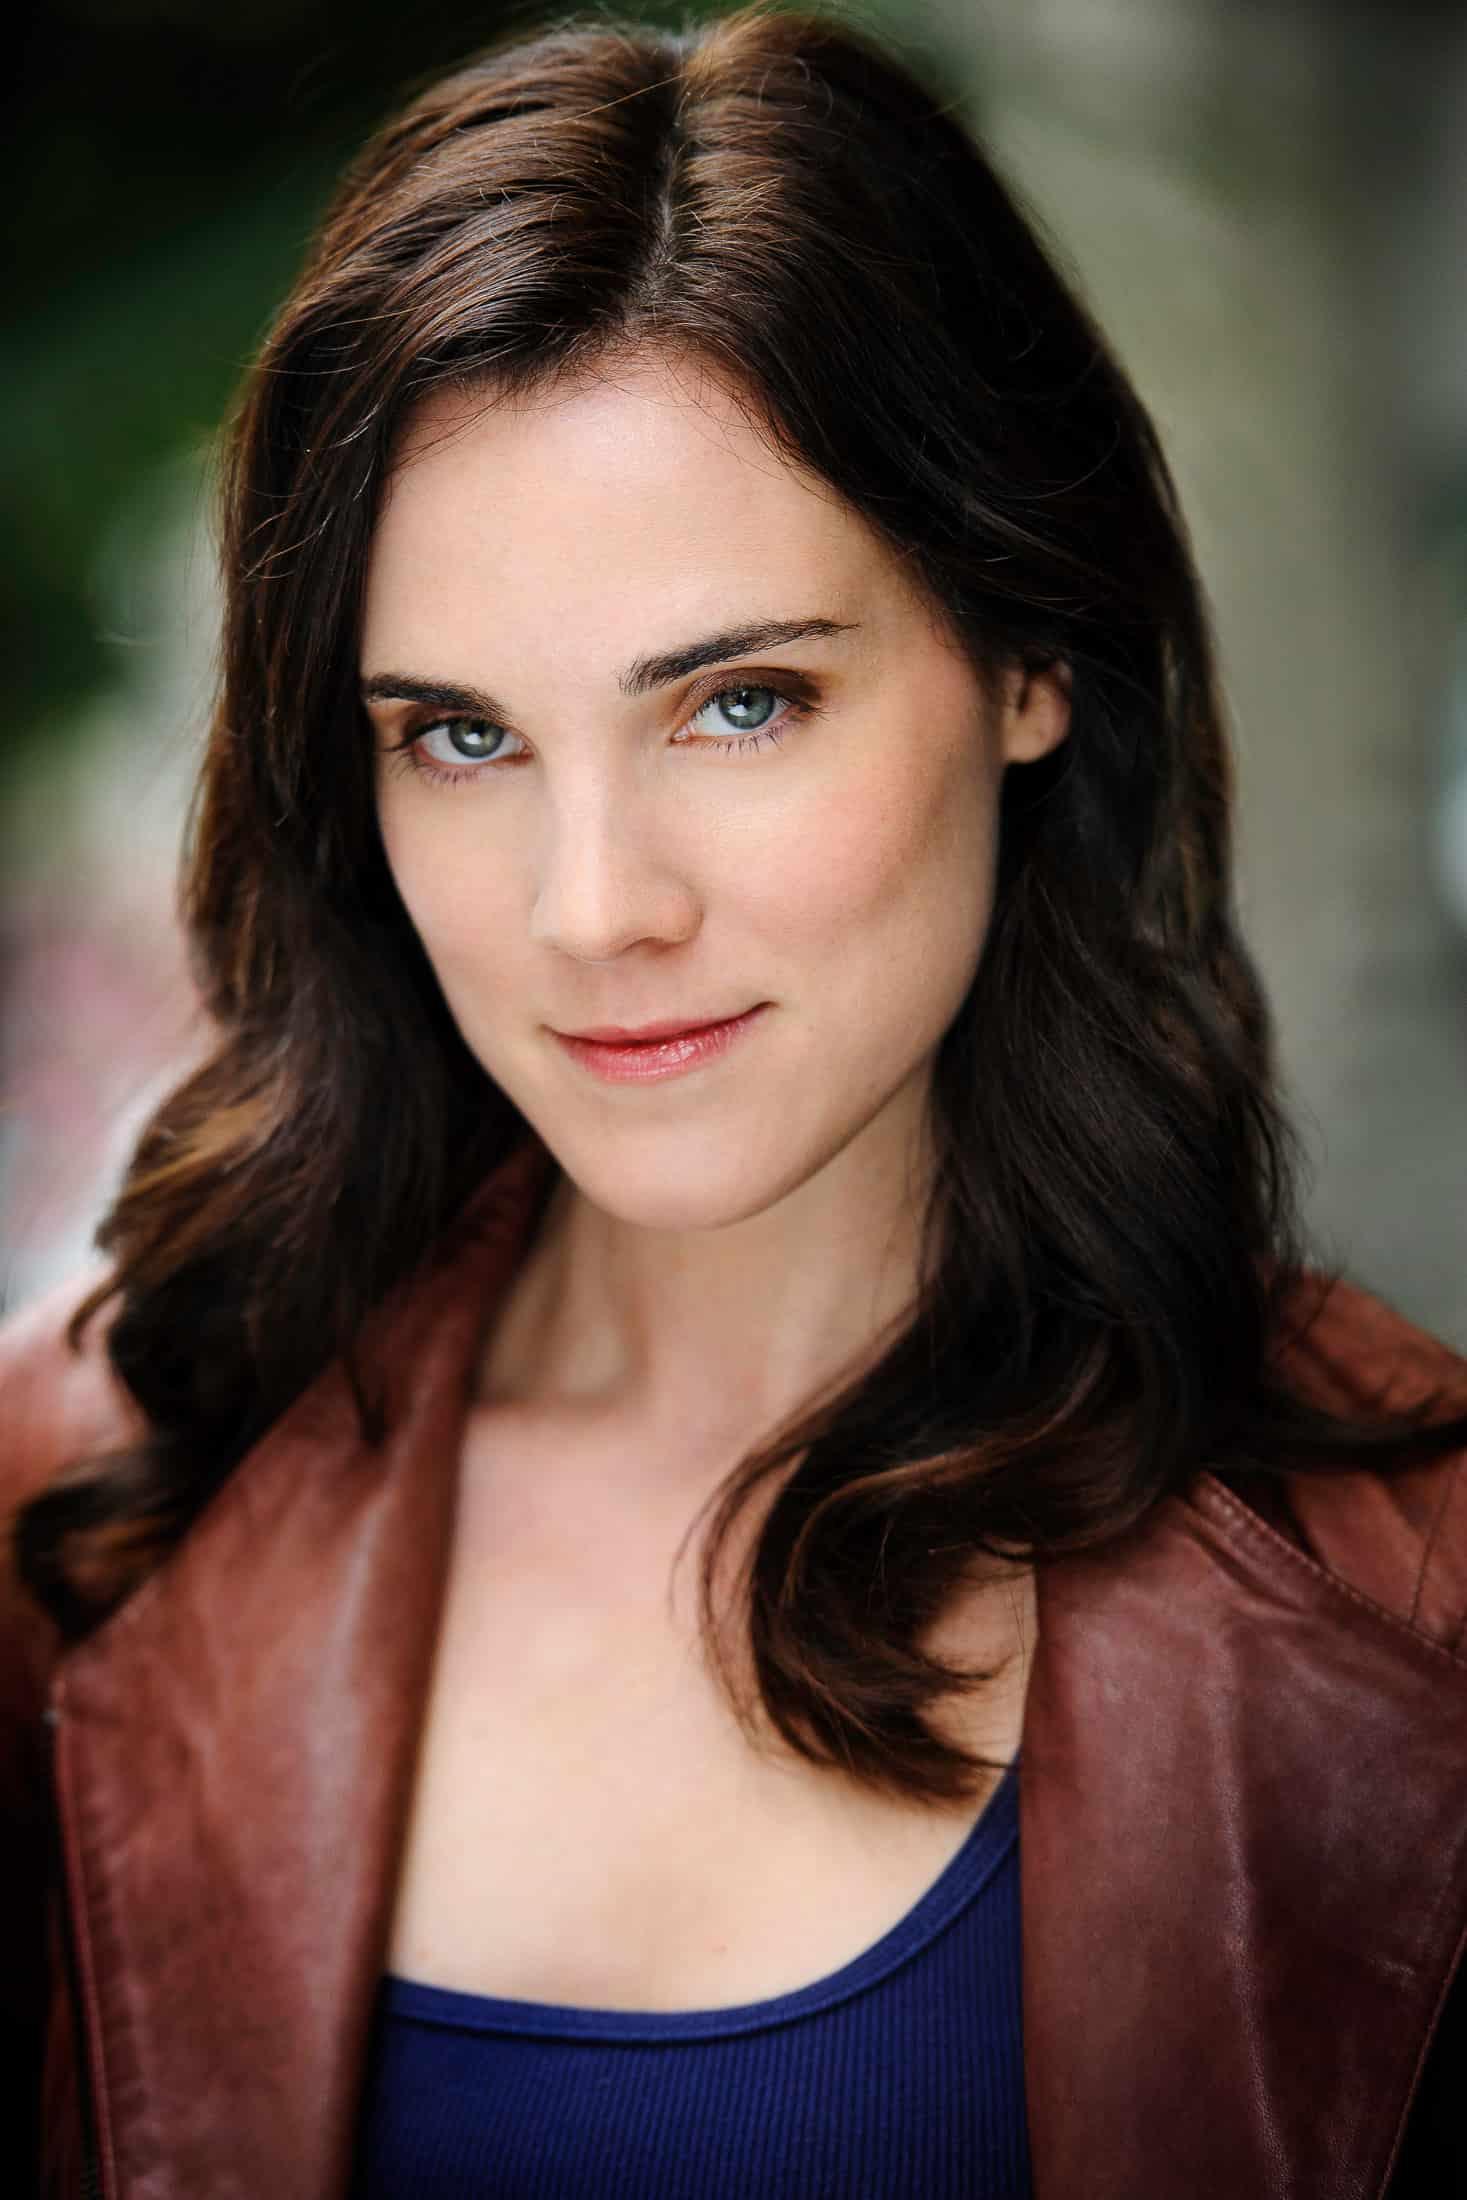 Headshots NYC - Actor Headshots Mandy E